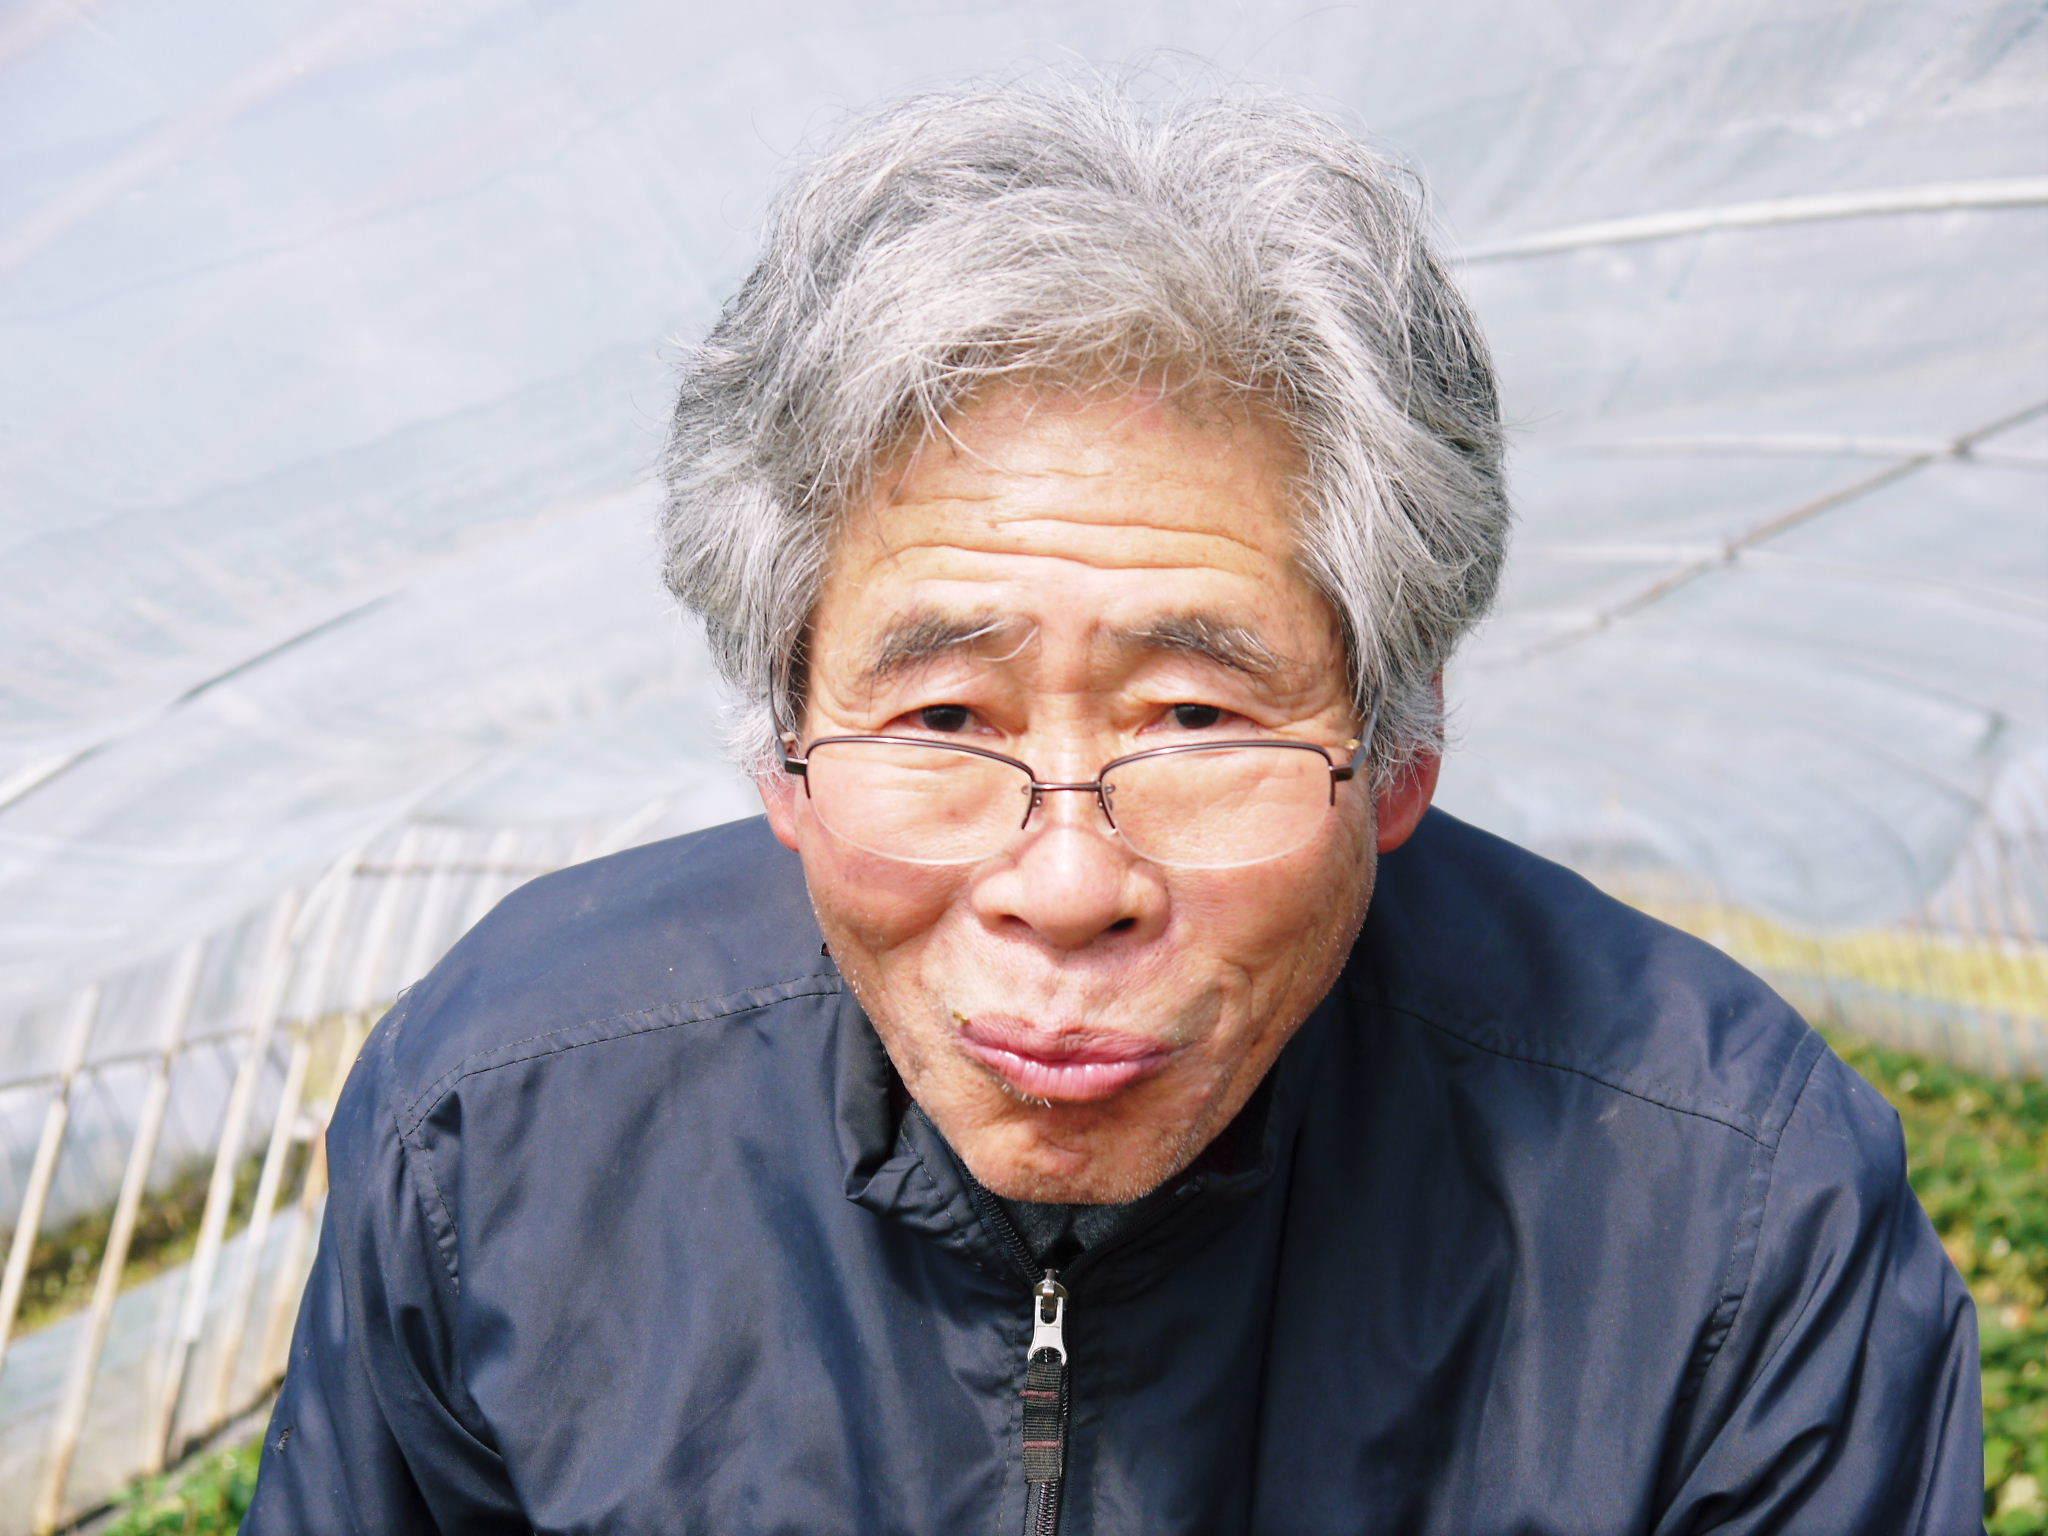 熊本産高級イチゴ『完熟紅ほっぺ』2020年はレギュラーパック3月末発送分、平積みパック4月中旬まで!_a0254656_17523976.jpg